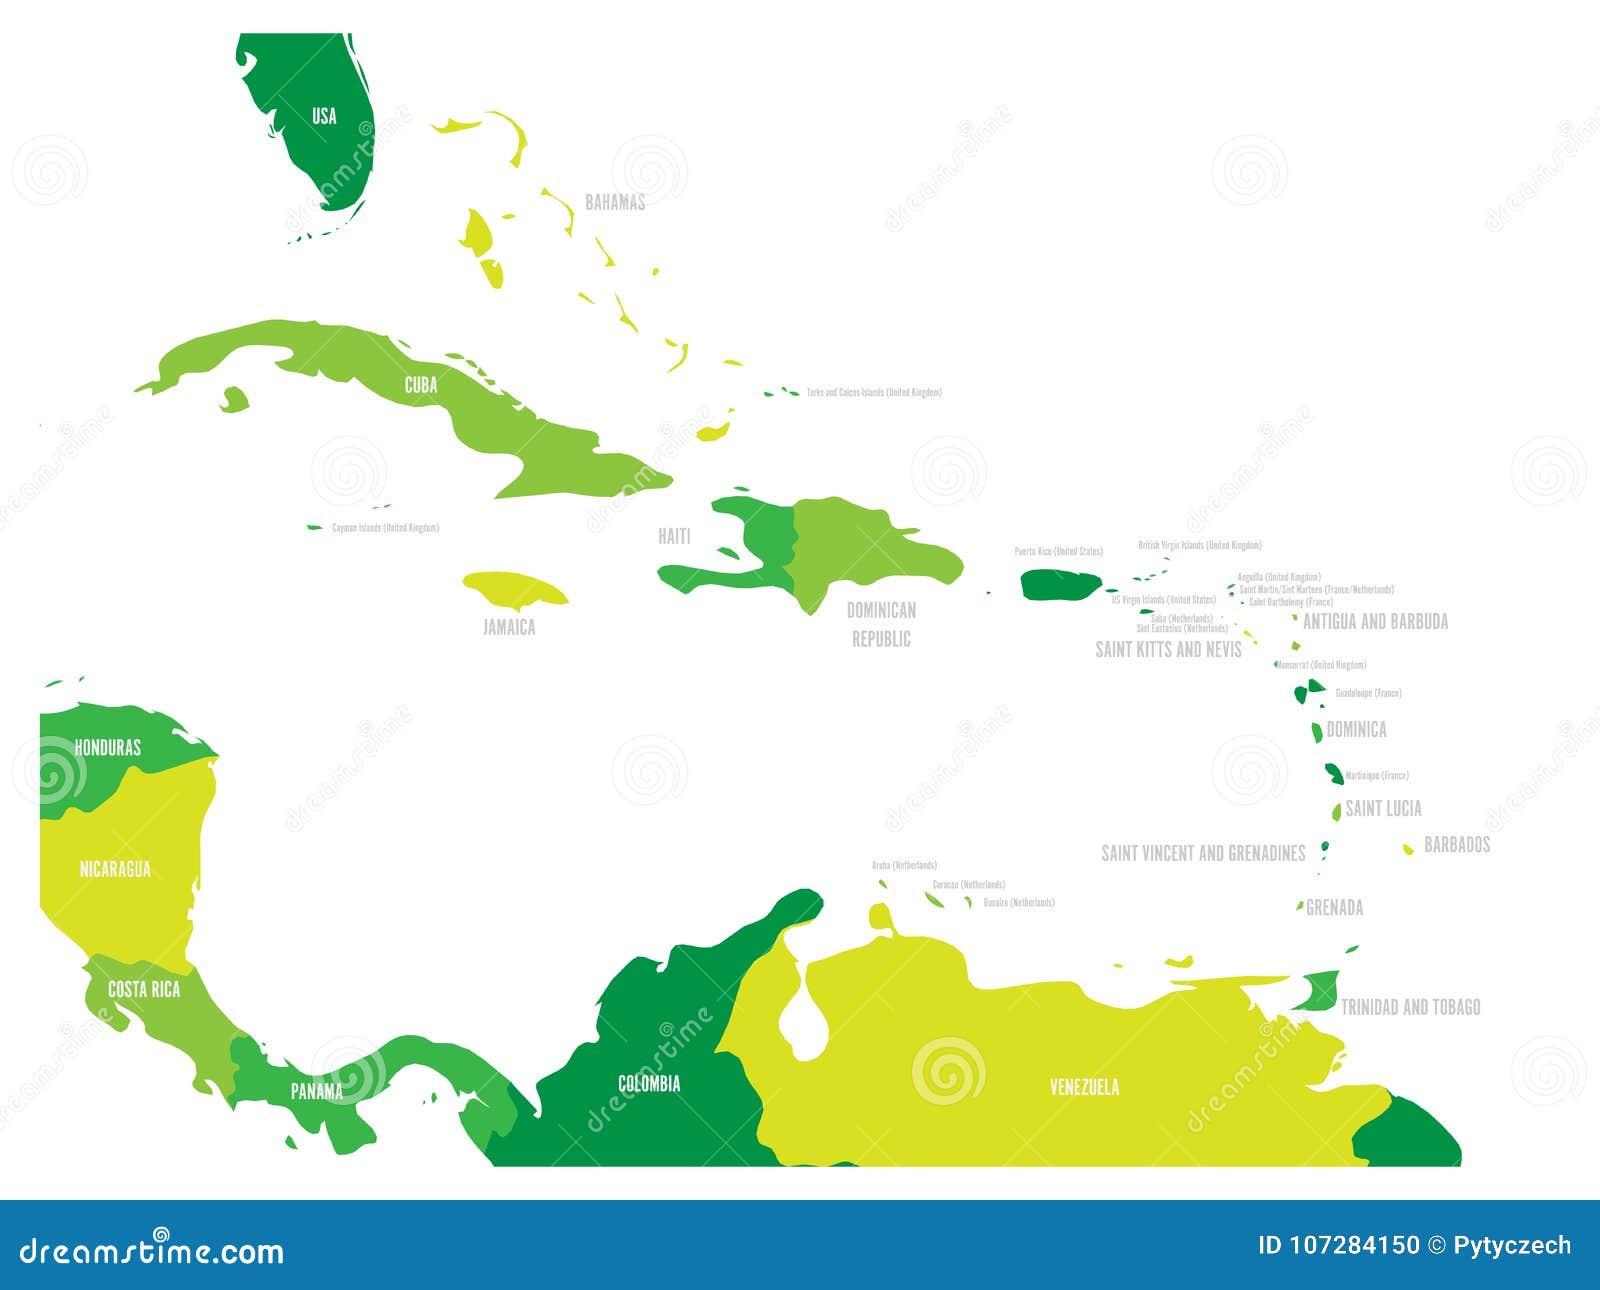 Κεντρική Αμερική και καραϊβικός κρατικός πολιτικός χάρτης σε τέσσερις σκιές πράσινου με τις ετικέτες ονομάτων Μαύρης Χώρας Απλό ε